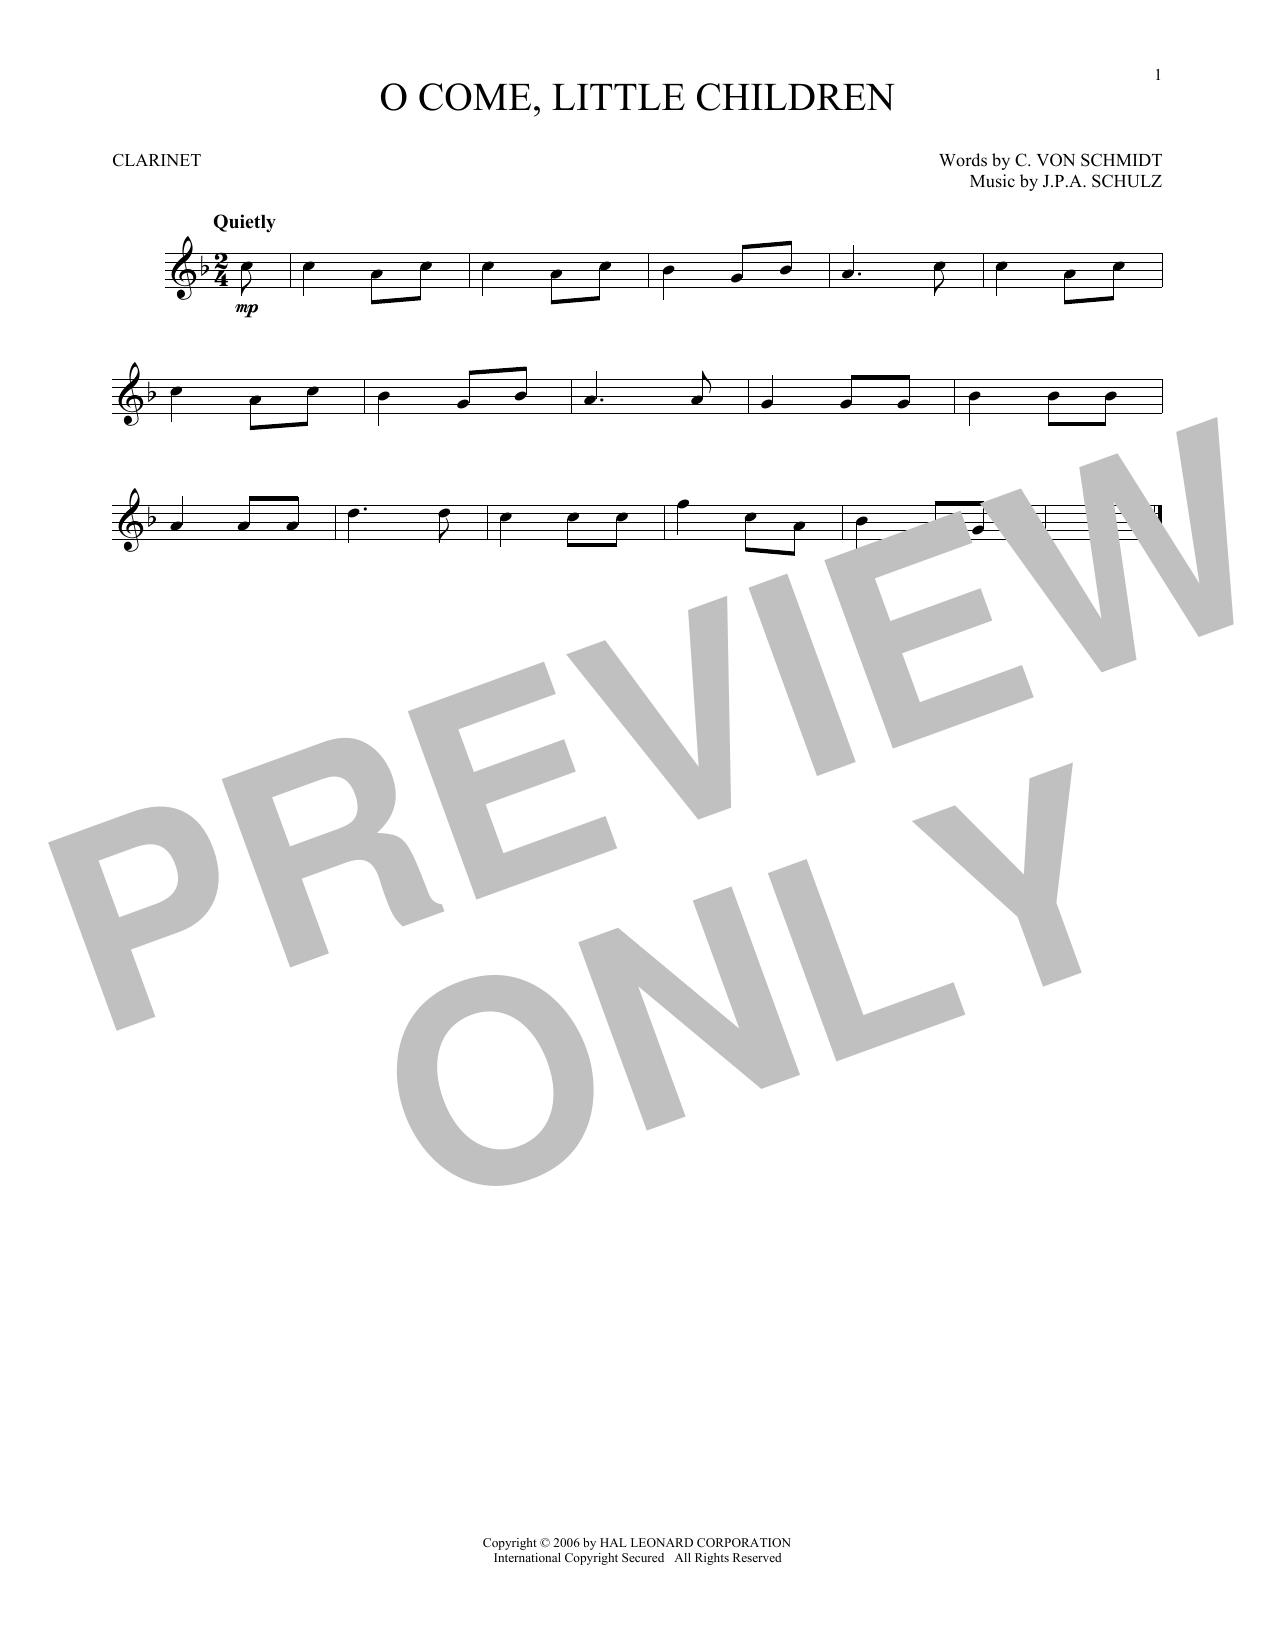 O Come, Little Children (Clarinet Solo)